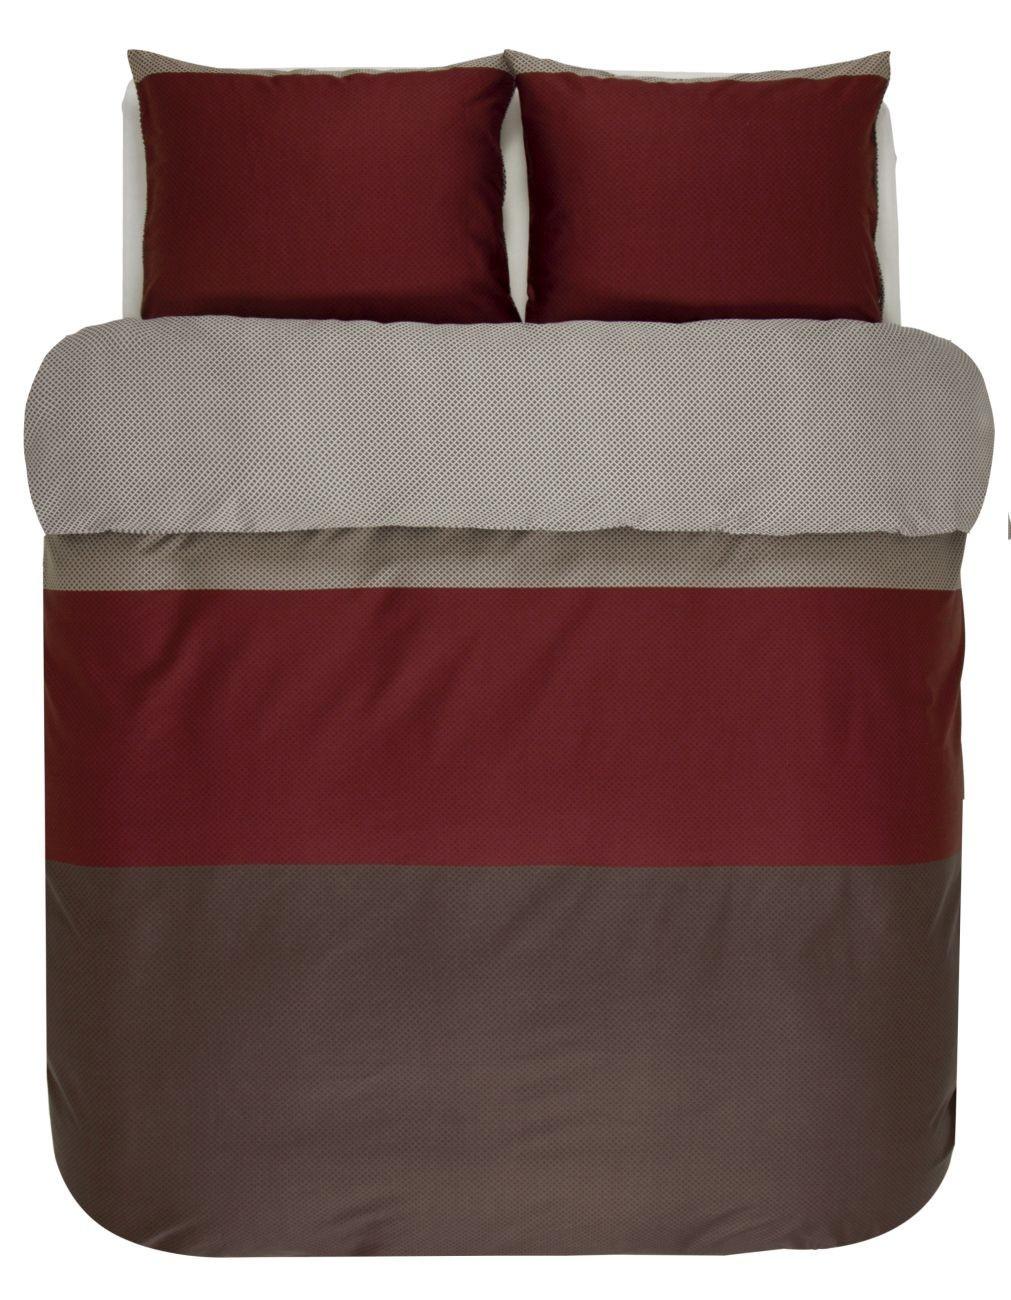 marc o polo vlora satin bettw sche online kaufen bei woonio. Black Bedroom Furniture Sets. Home Design Ideas